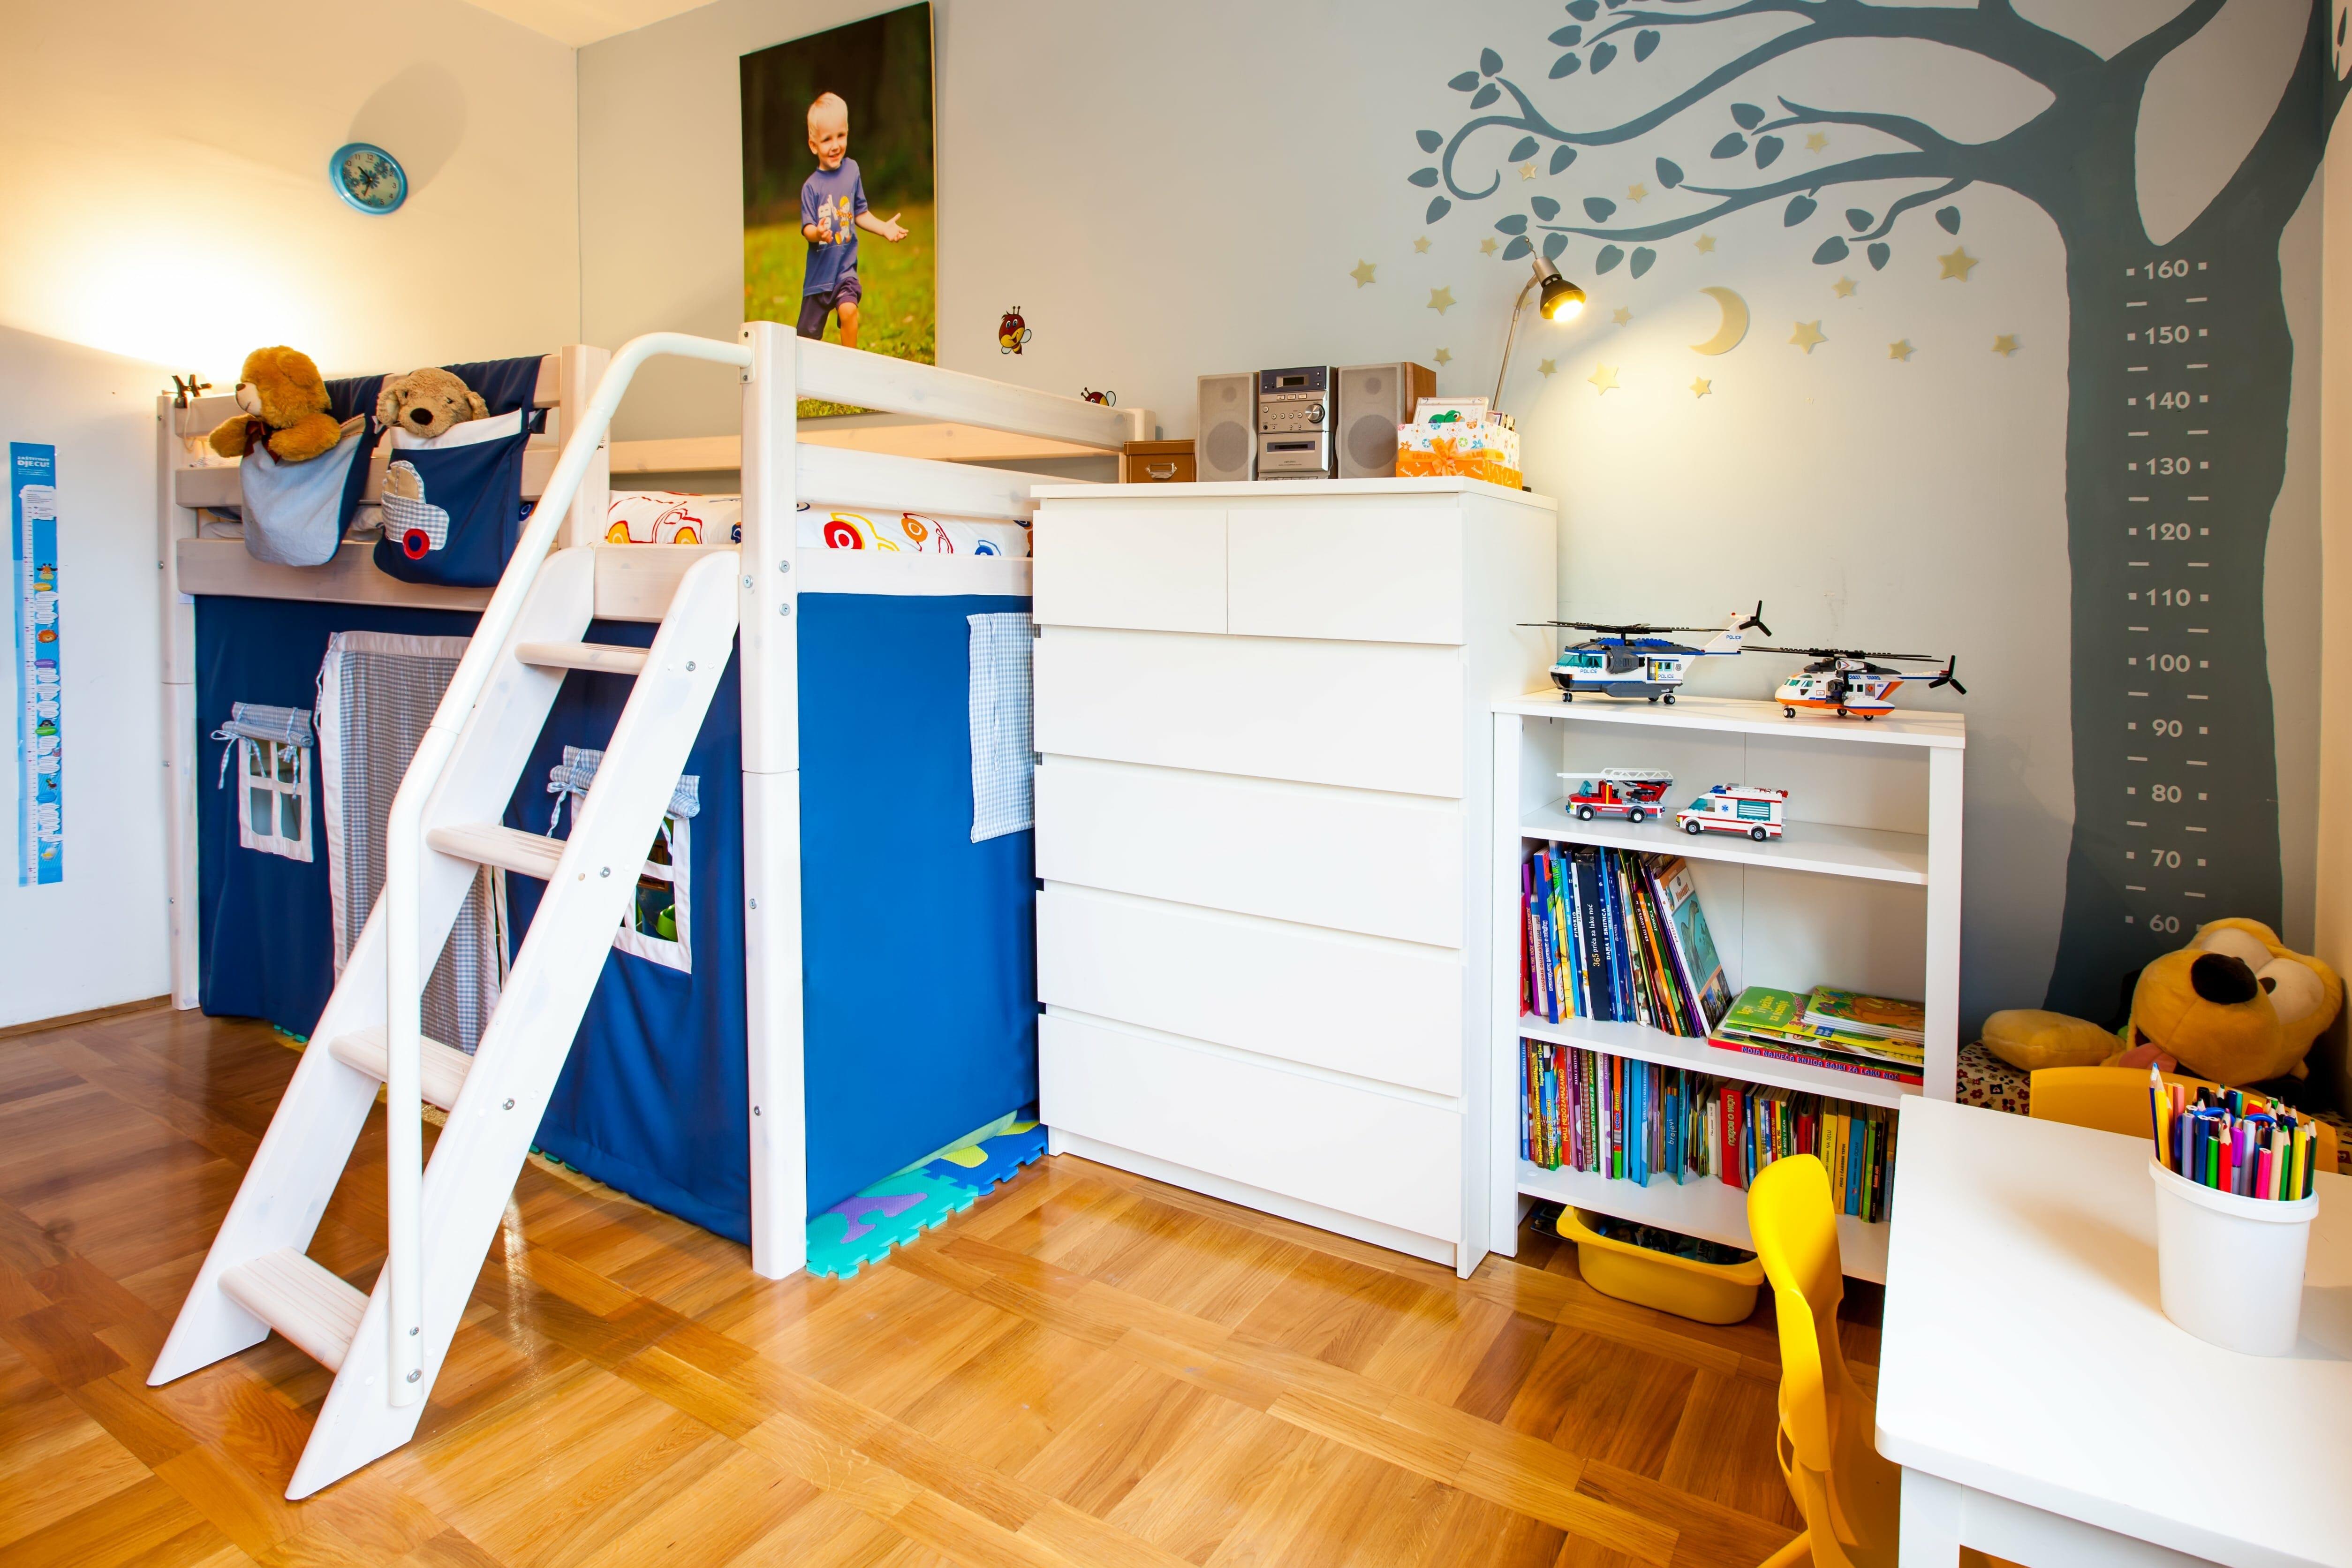 wandbilder im kinderzimmer f r jedes alter das richtige 7roomz. Black Bedroom Furniture Sets. Home Design Ideas